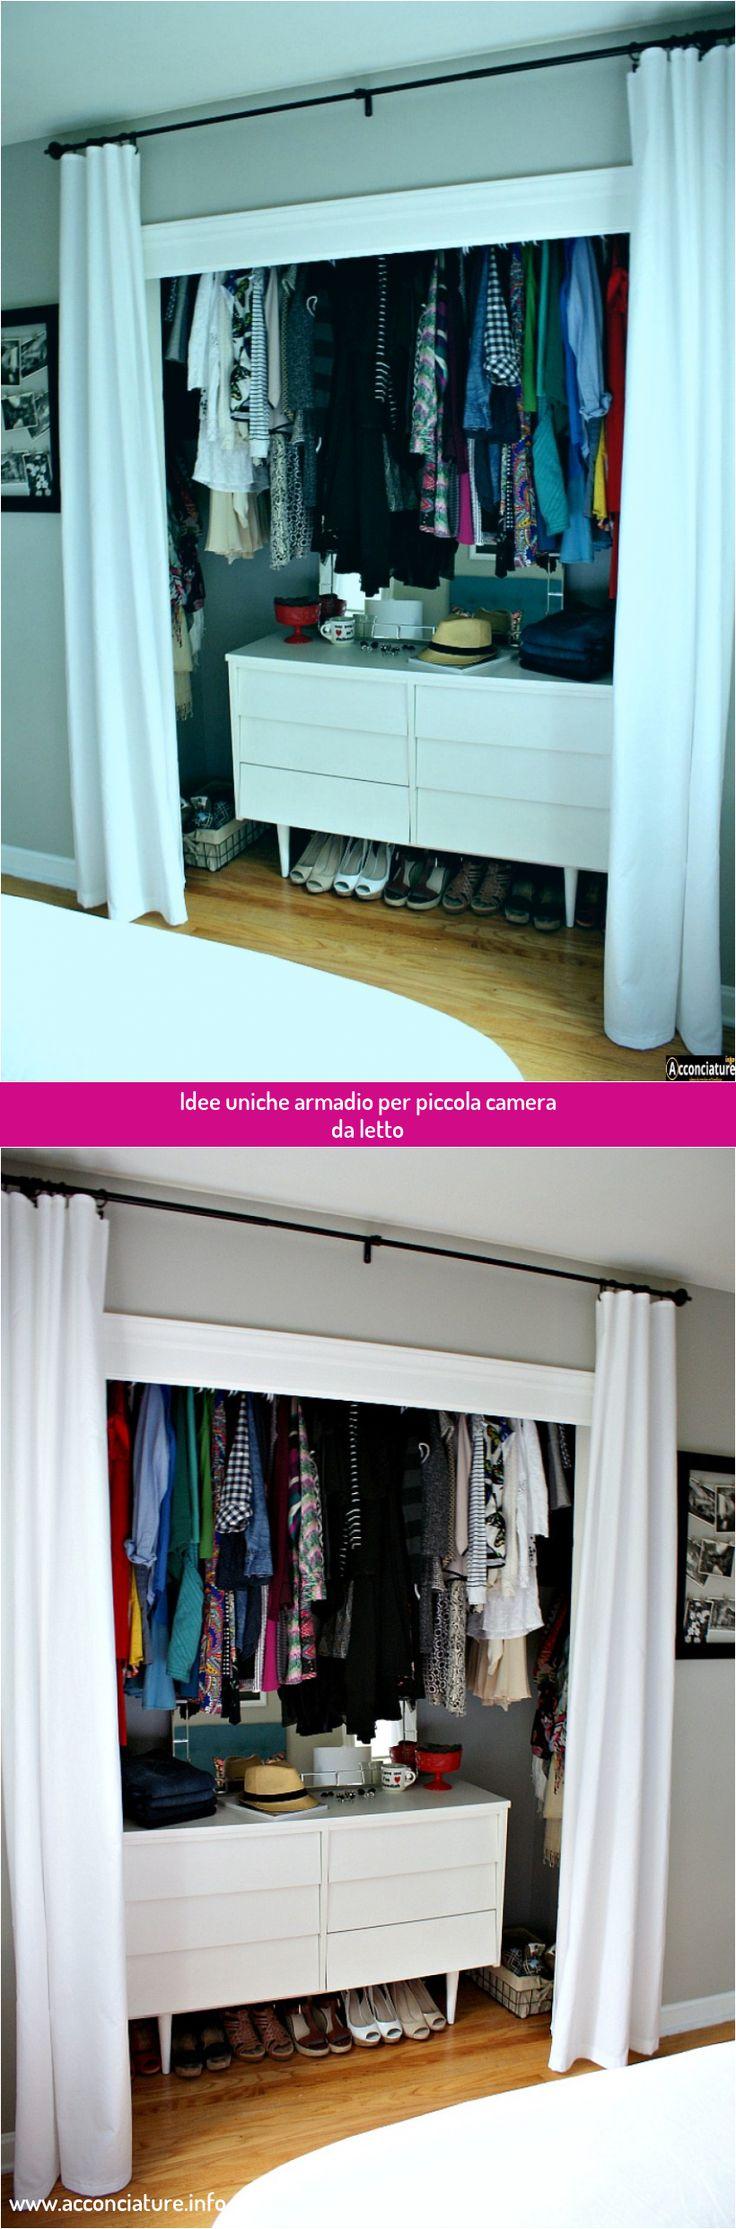 Idee uniche armadio per piccola camera da letto nel 2020 ...